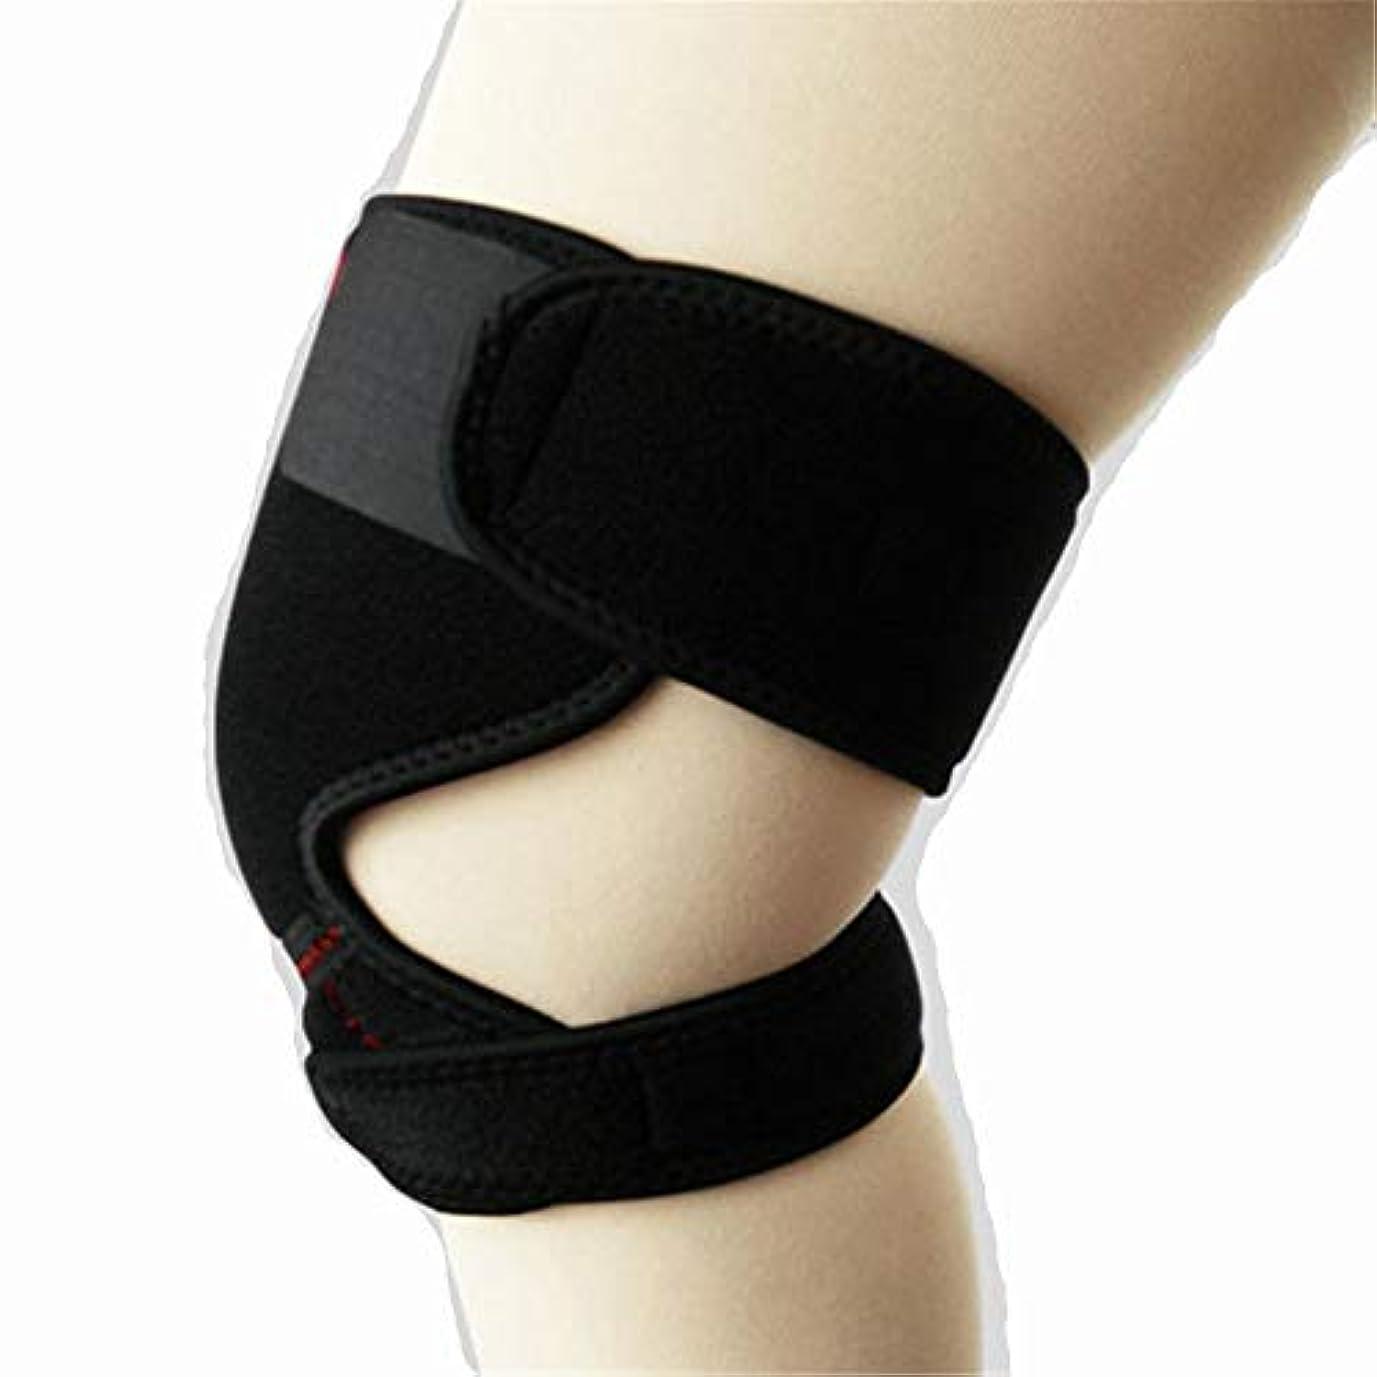 油懇願するメナジェリー痛みを軽減する傷害の回復バスケットボールとその他のスポーツ1本のひざ掛けサポート圧縮スリーブを実行する